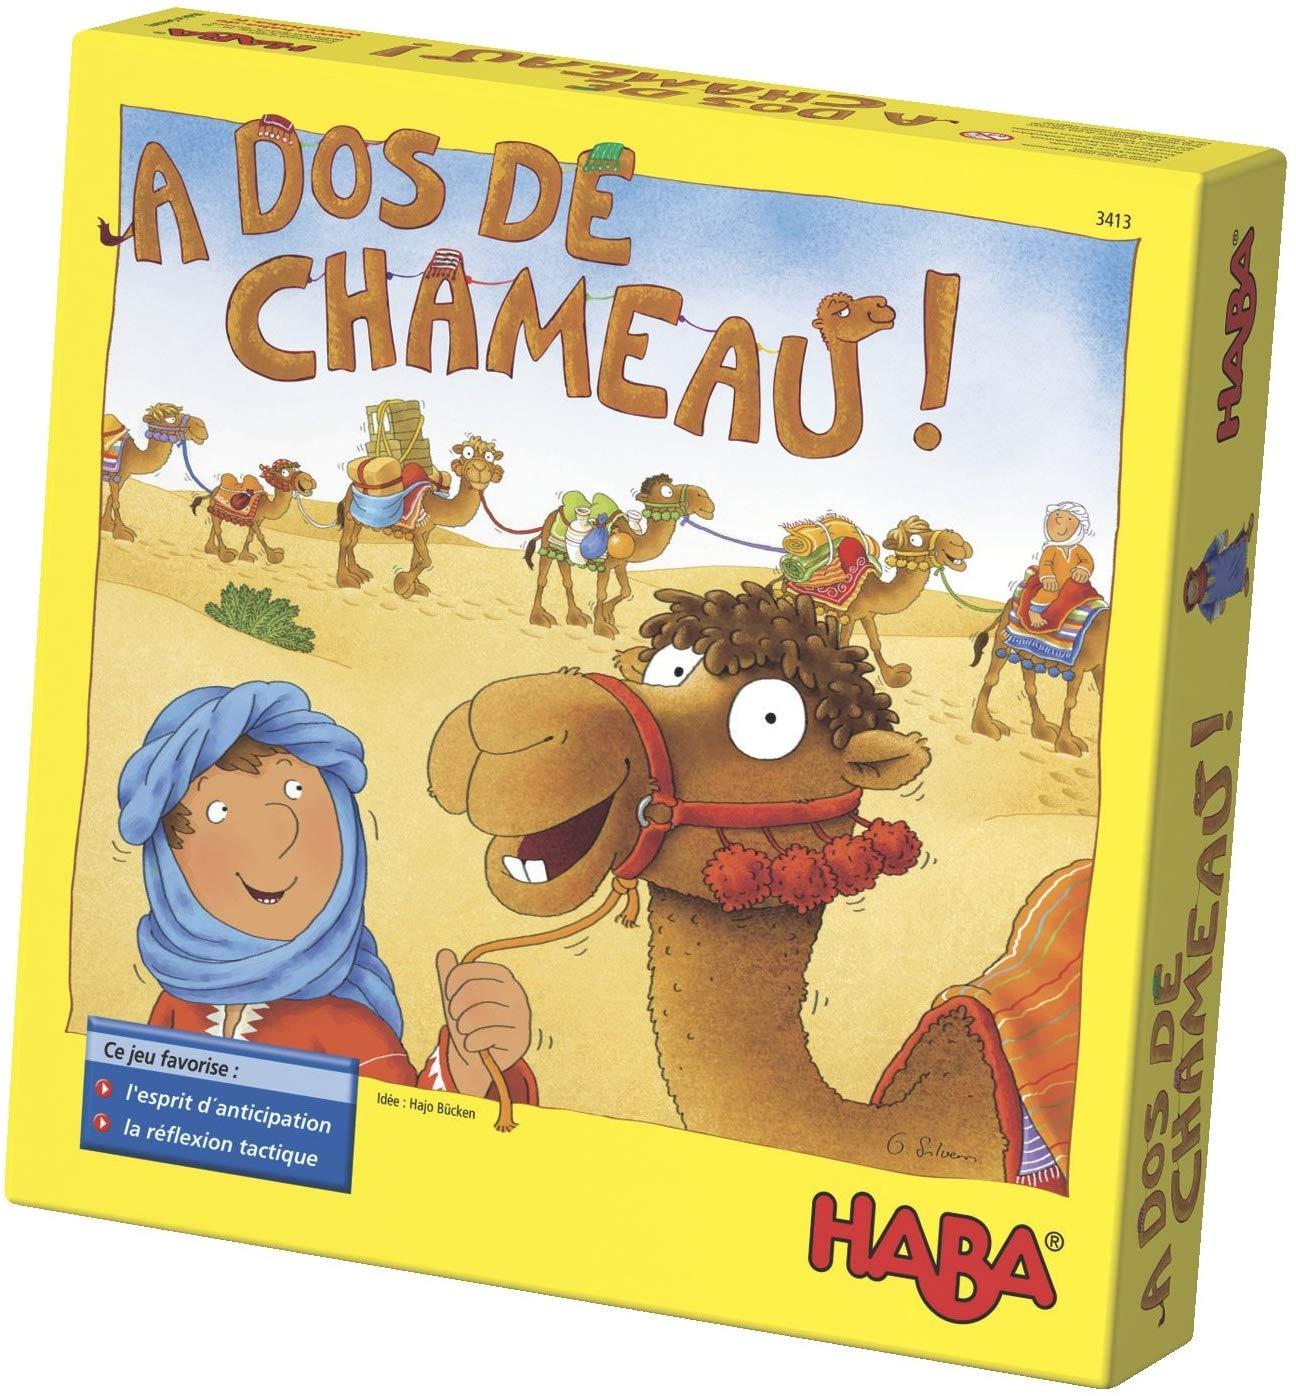 A dos de chameaux